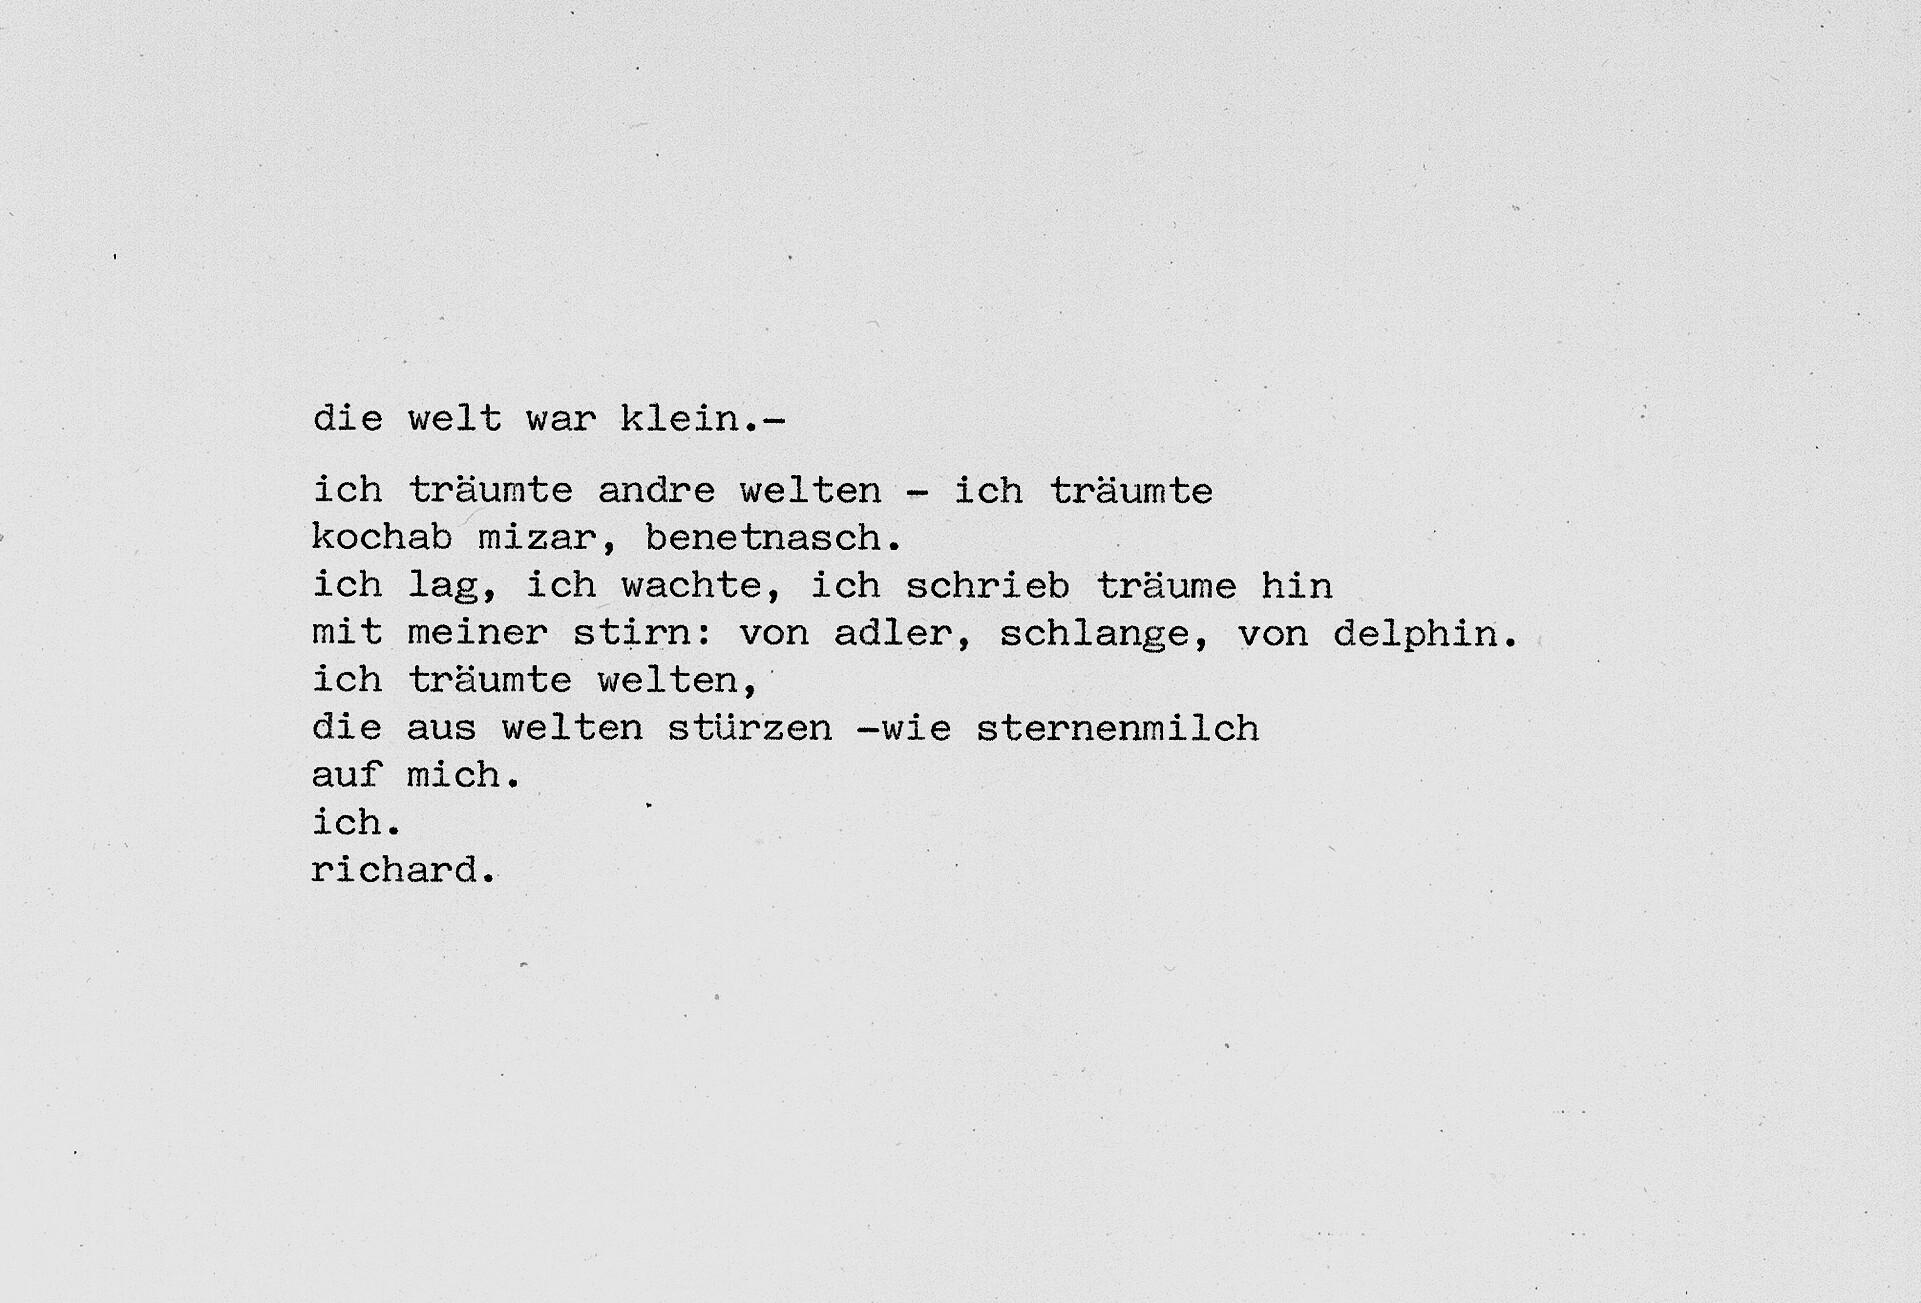 kriesche_42-1